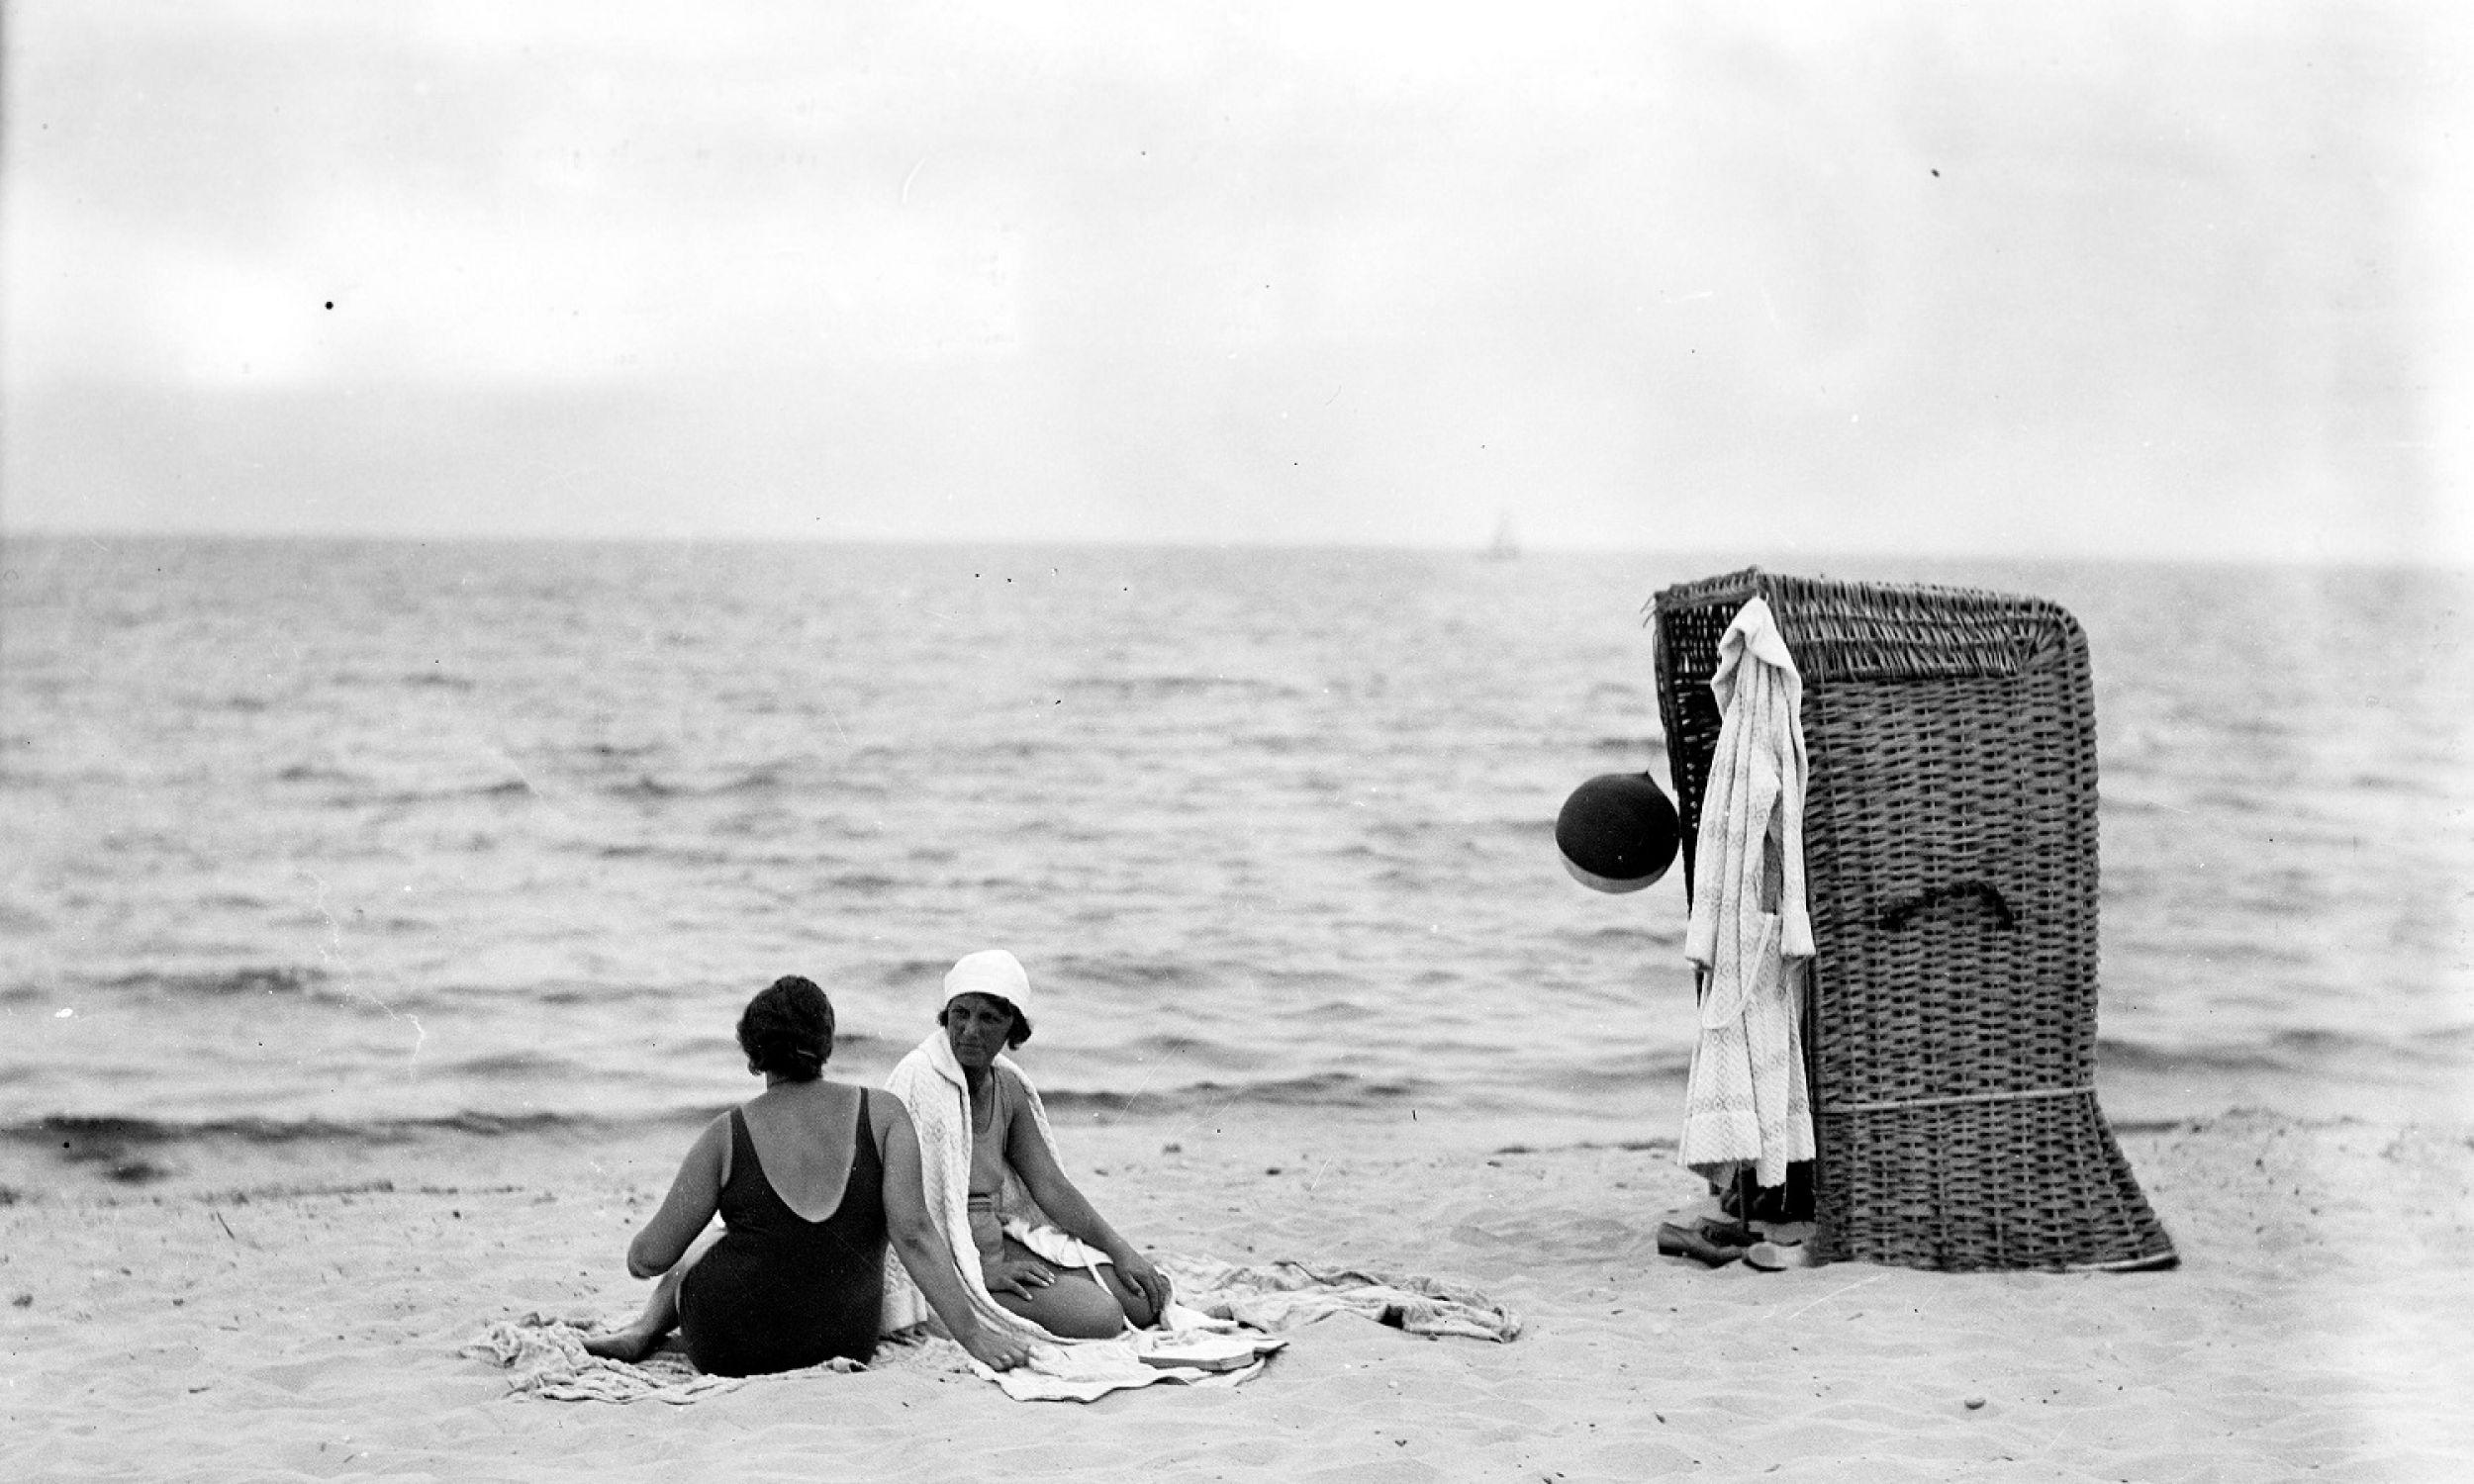 Zaraz po odzyskaniu niepodległości Polska miała dostęp do niedużego kawałka Morza Bałtyckiego, ale uznawano to za coś wielkiego. Wszyscy się z tego cieszyli i podchodzili do morza z ogromnym entuzjazmem. Wakacje nad polskim morzem stały się obowiązkowym punktem programu dla wielu Polaków. Tu: Karwia, lipiec 1932 roku. Wczasowicze podczas wypoczynku przy wiklinowym koszu plażowym. Fot. NAC/Koncern Ilustrowany Kurier Codzienny, sygn. 1-U-2019-2